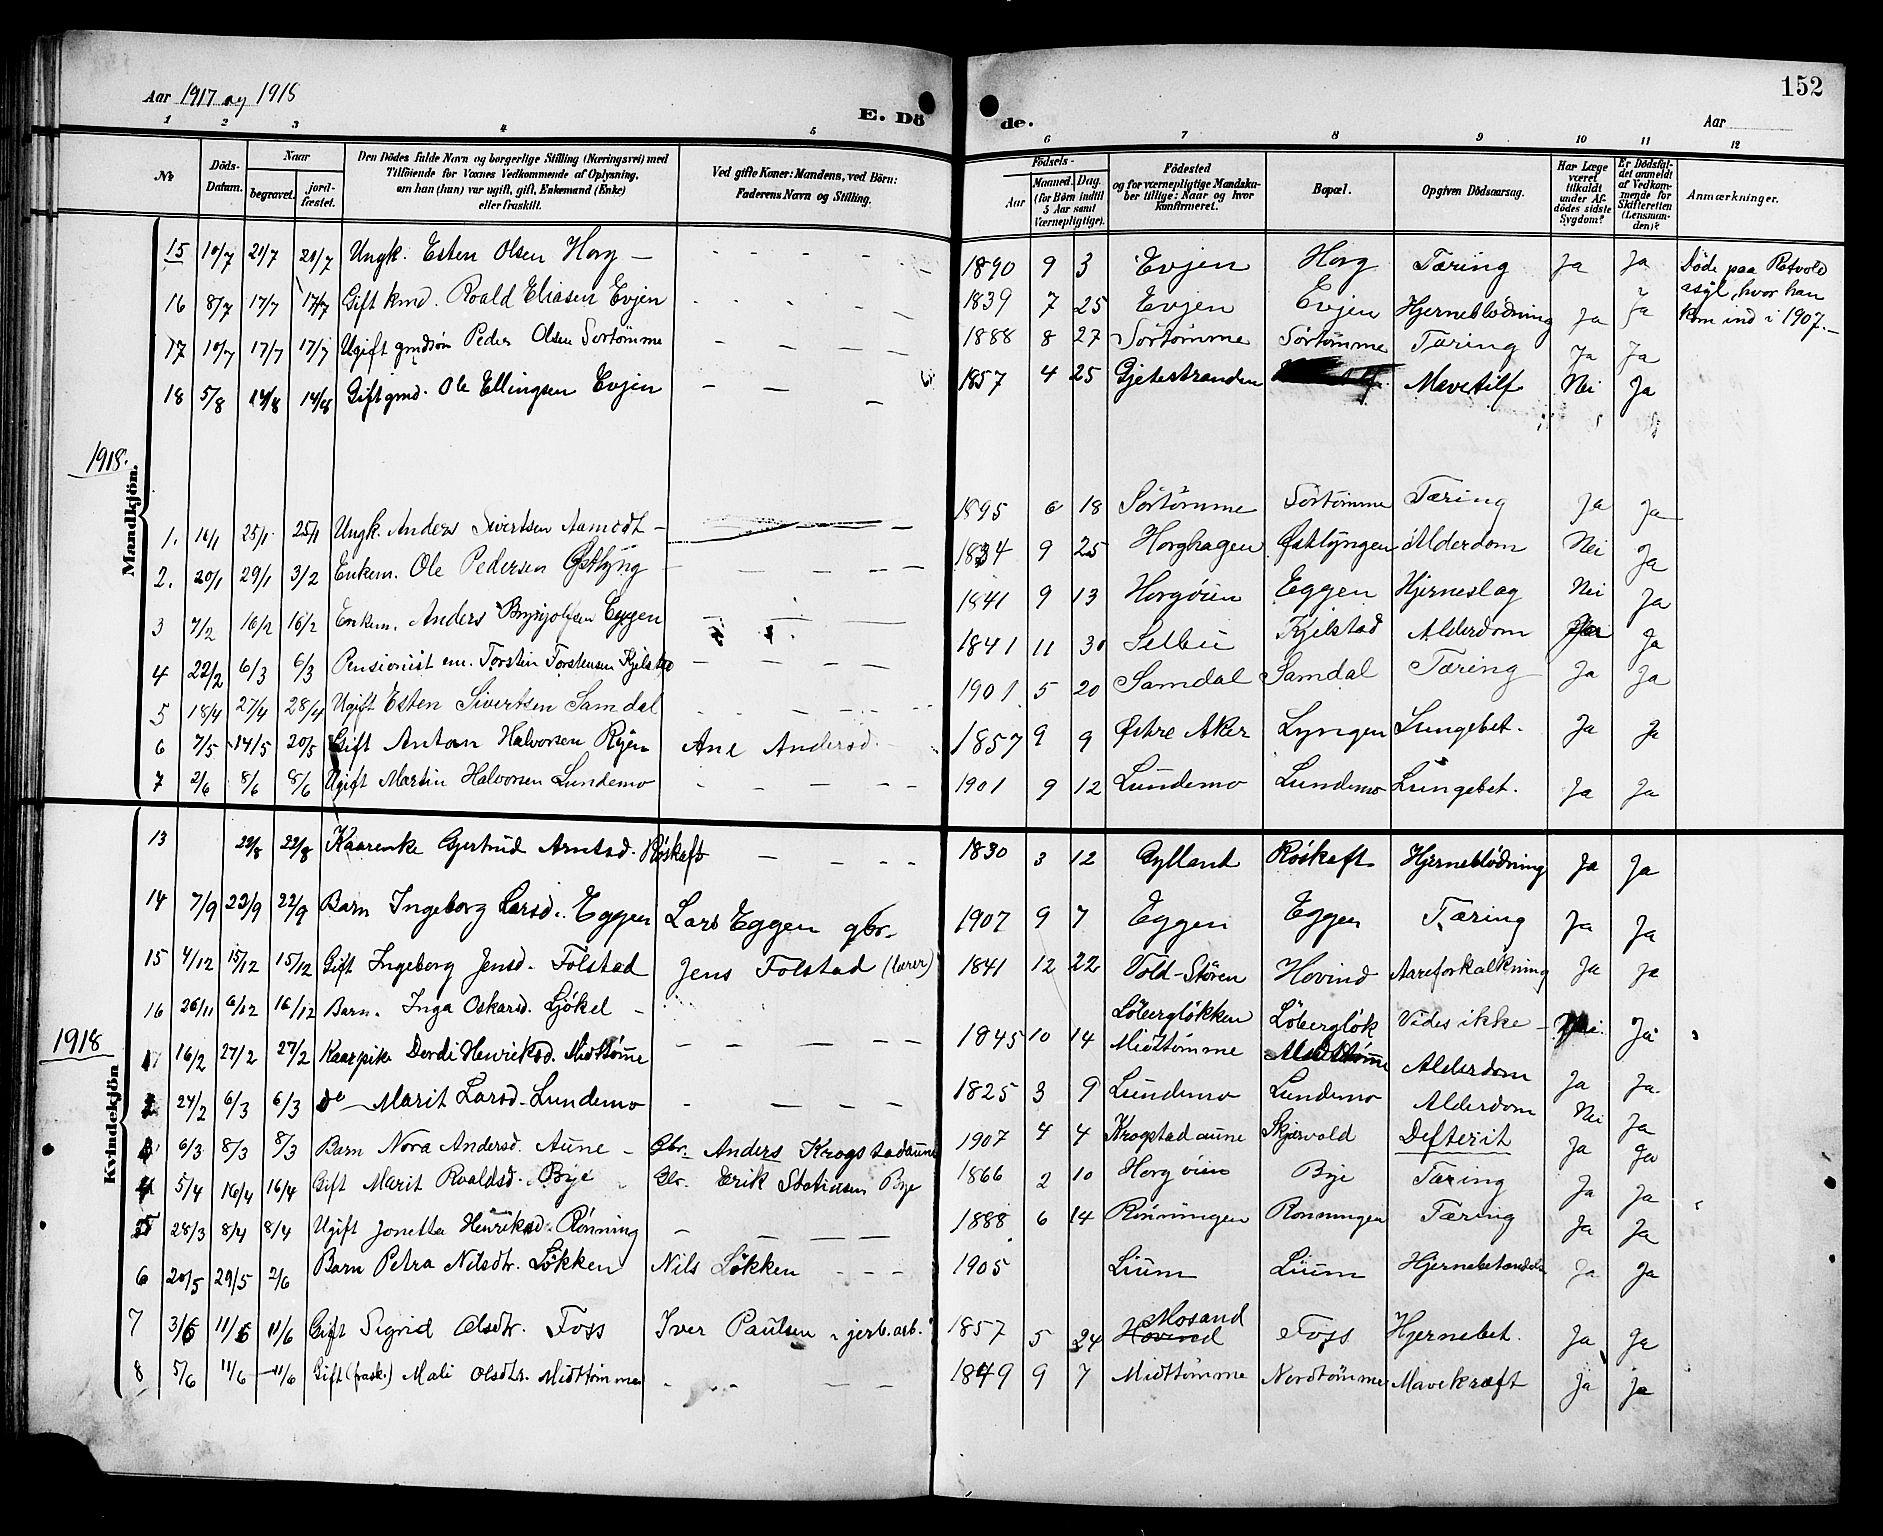 SAT, Ministerialprotokoller, klokkerbøker og fødselsregistre - Sør-Trøndelag, 692/L1112: Klokkerbok nr. 692C07, 1904-1918, s. 152